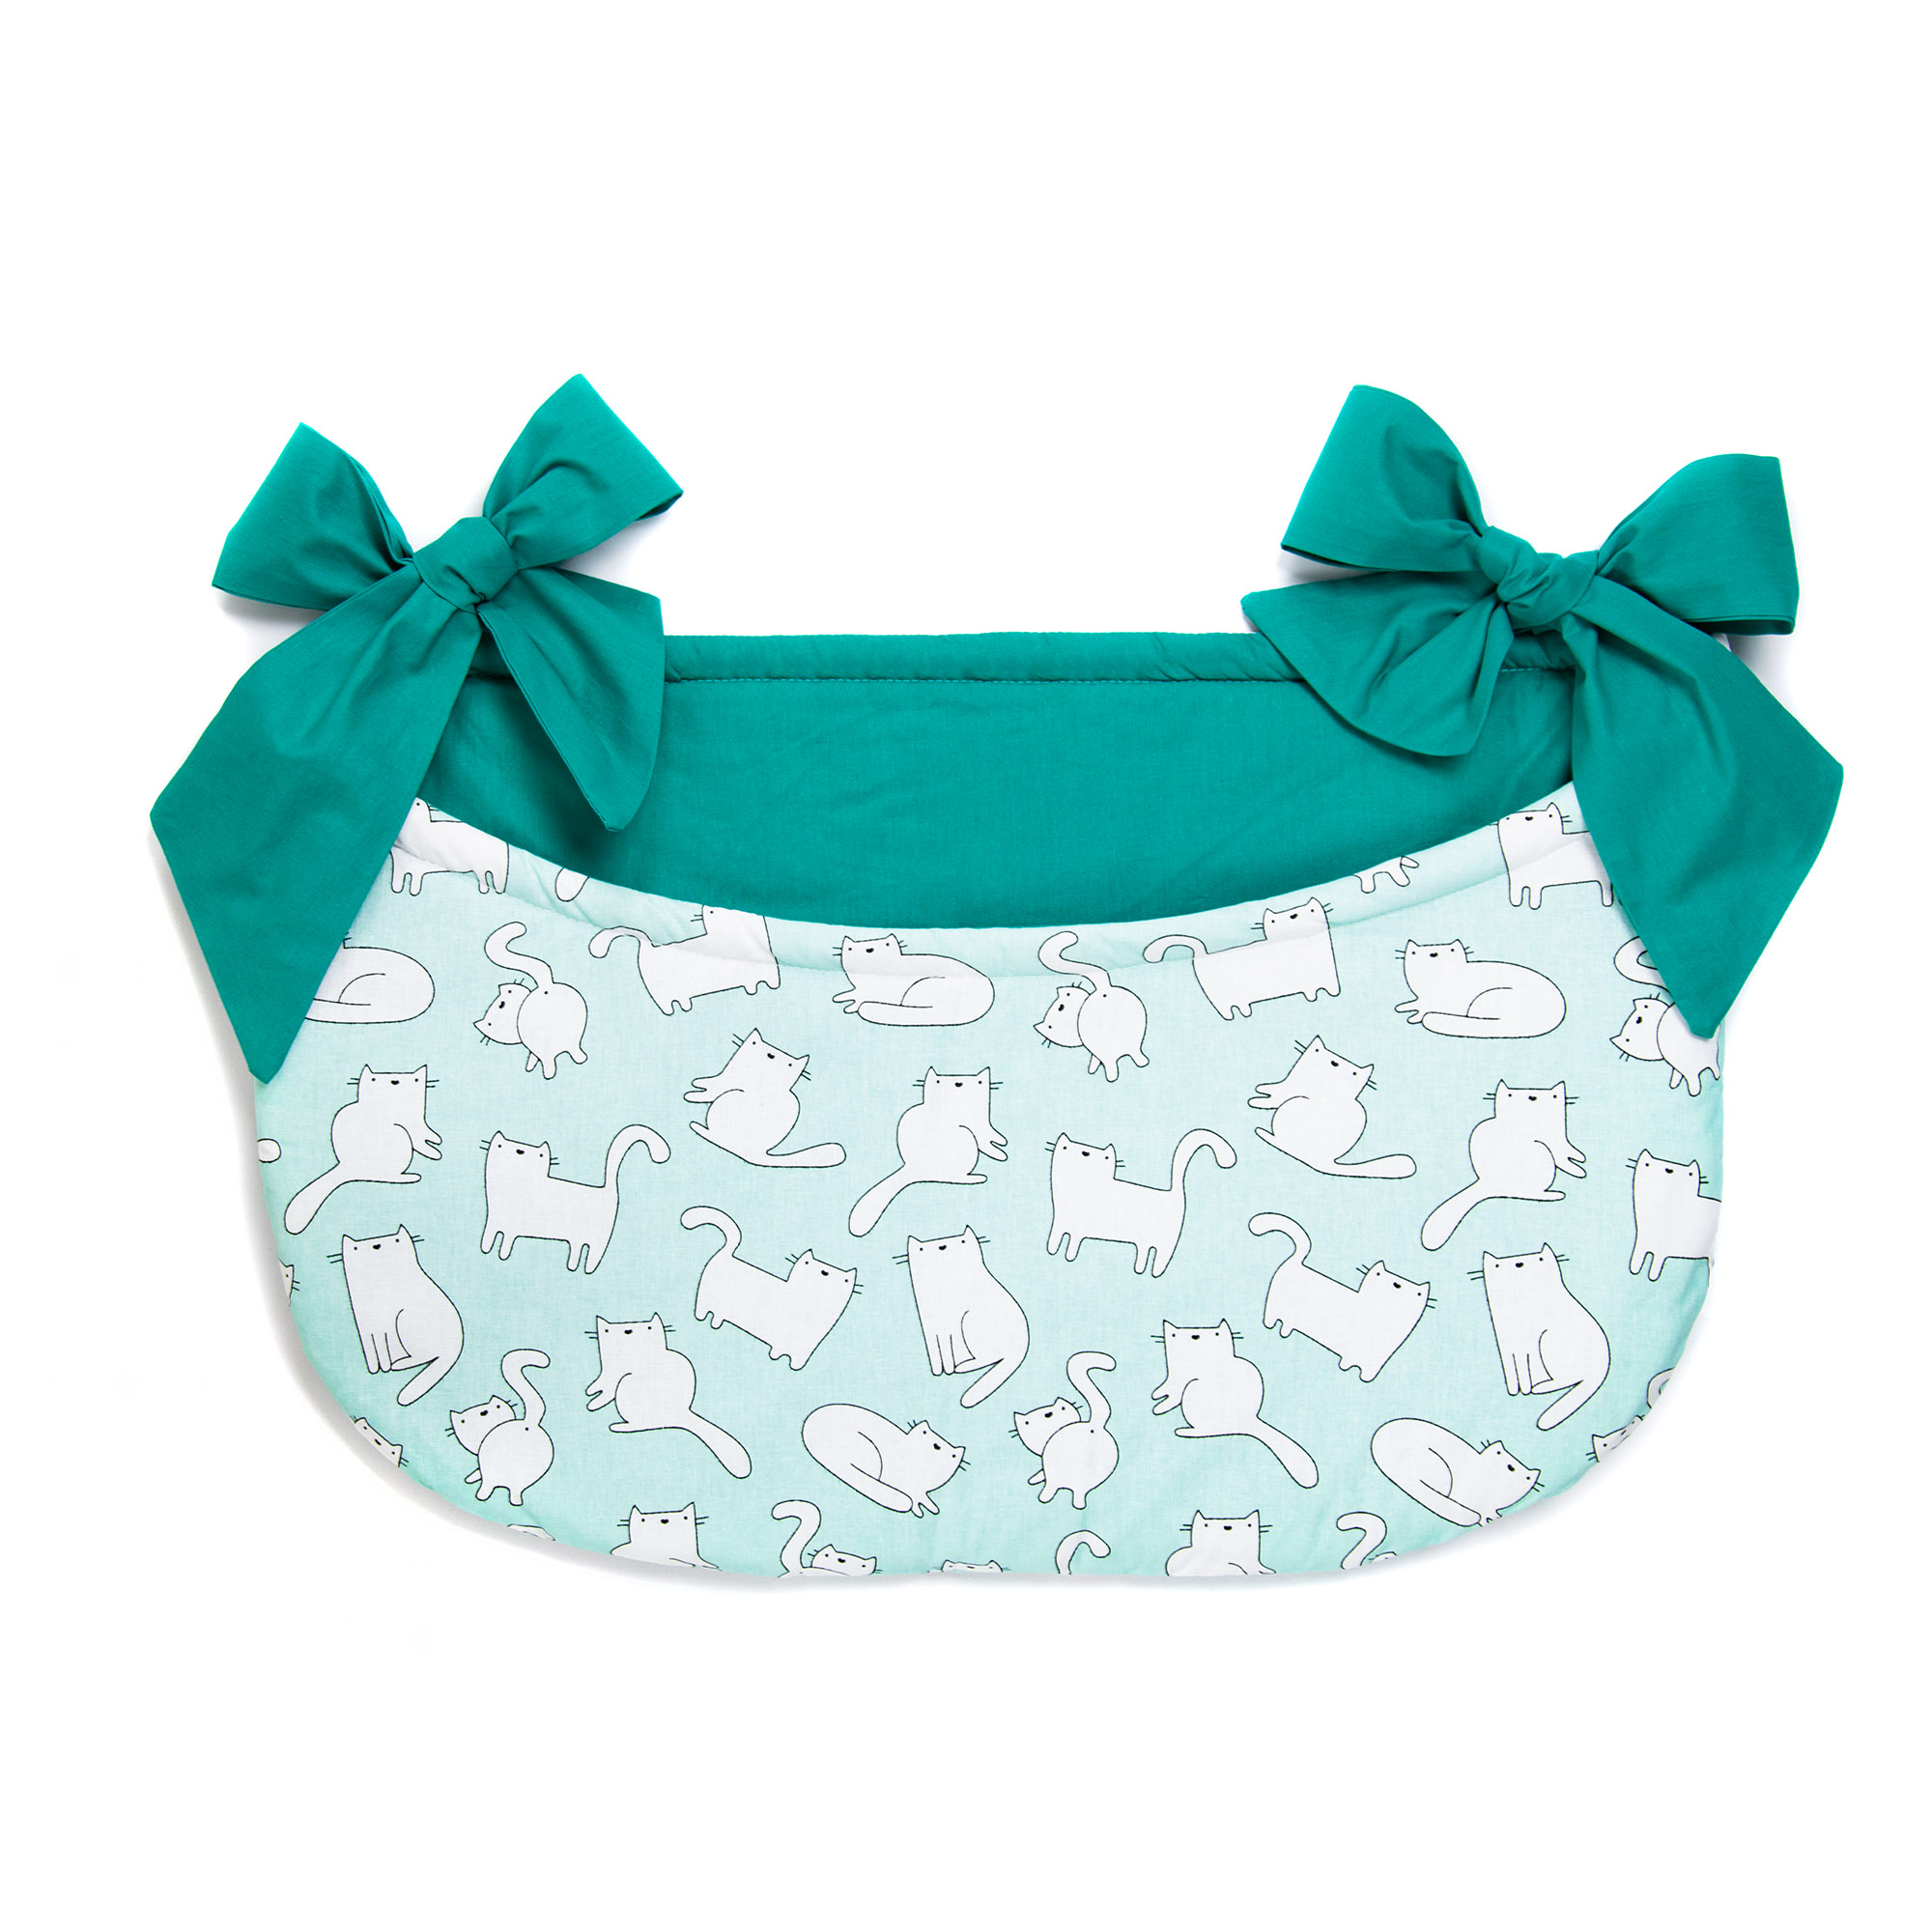 Betttasche Spielzeugtasche Design62